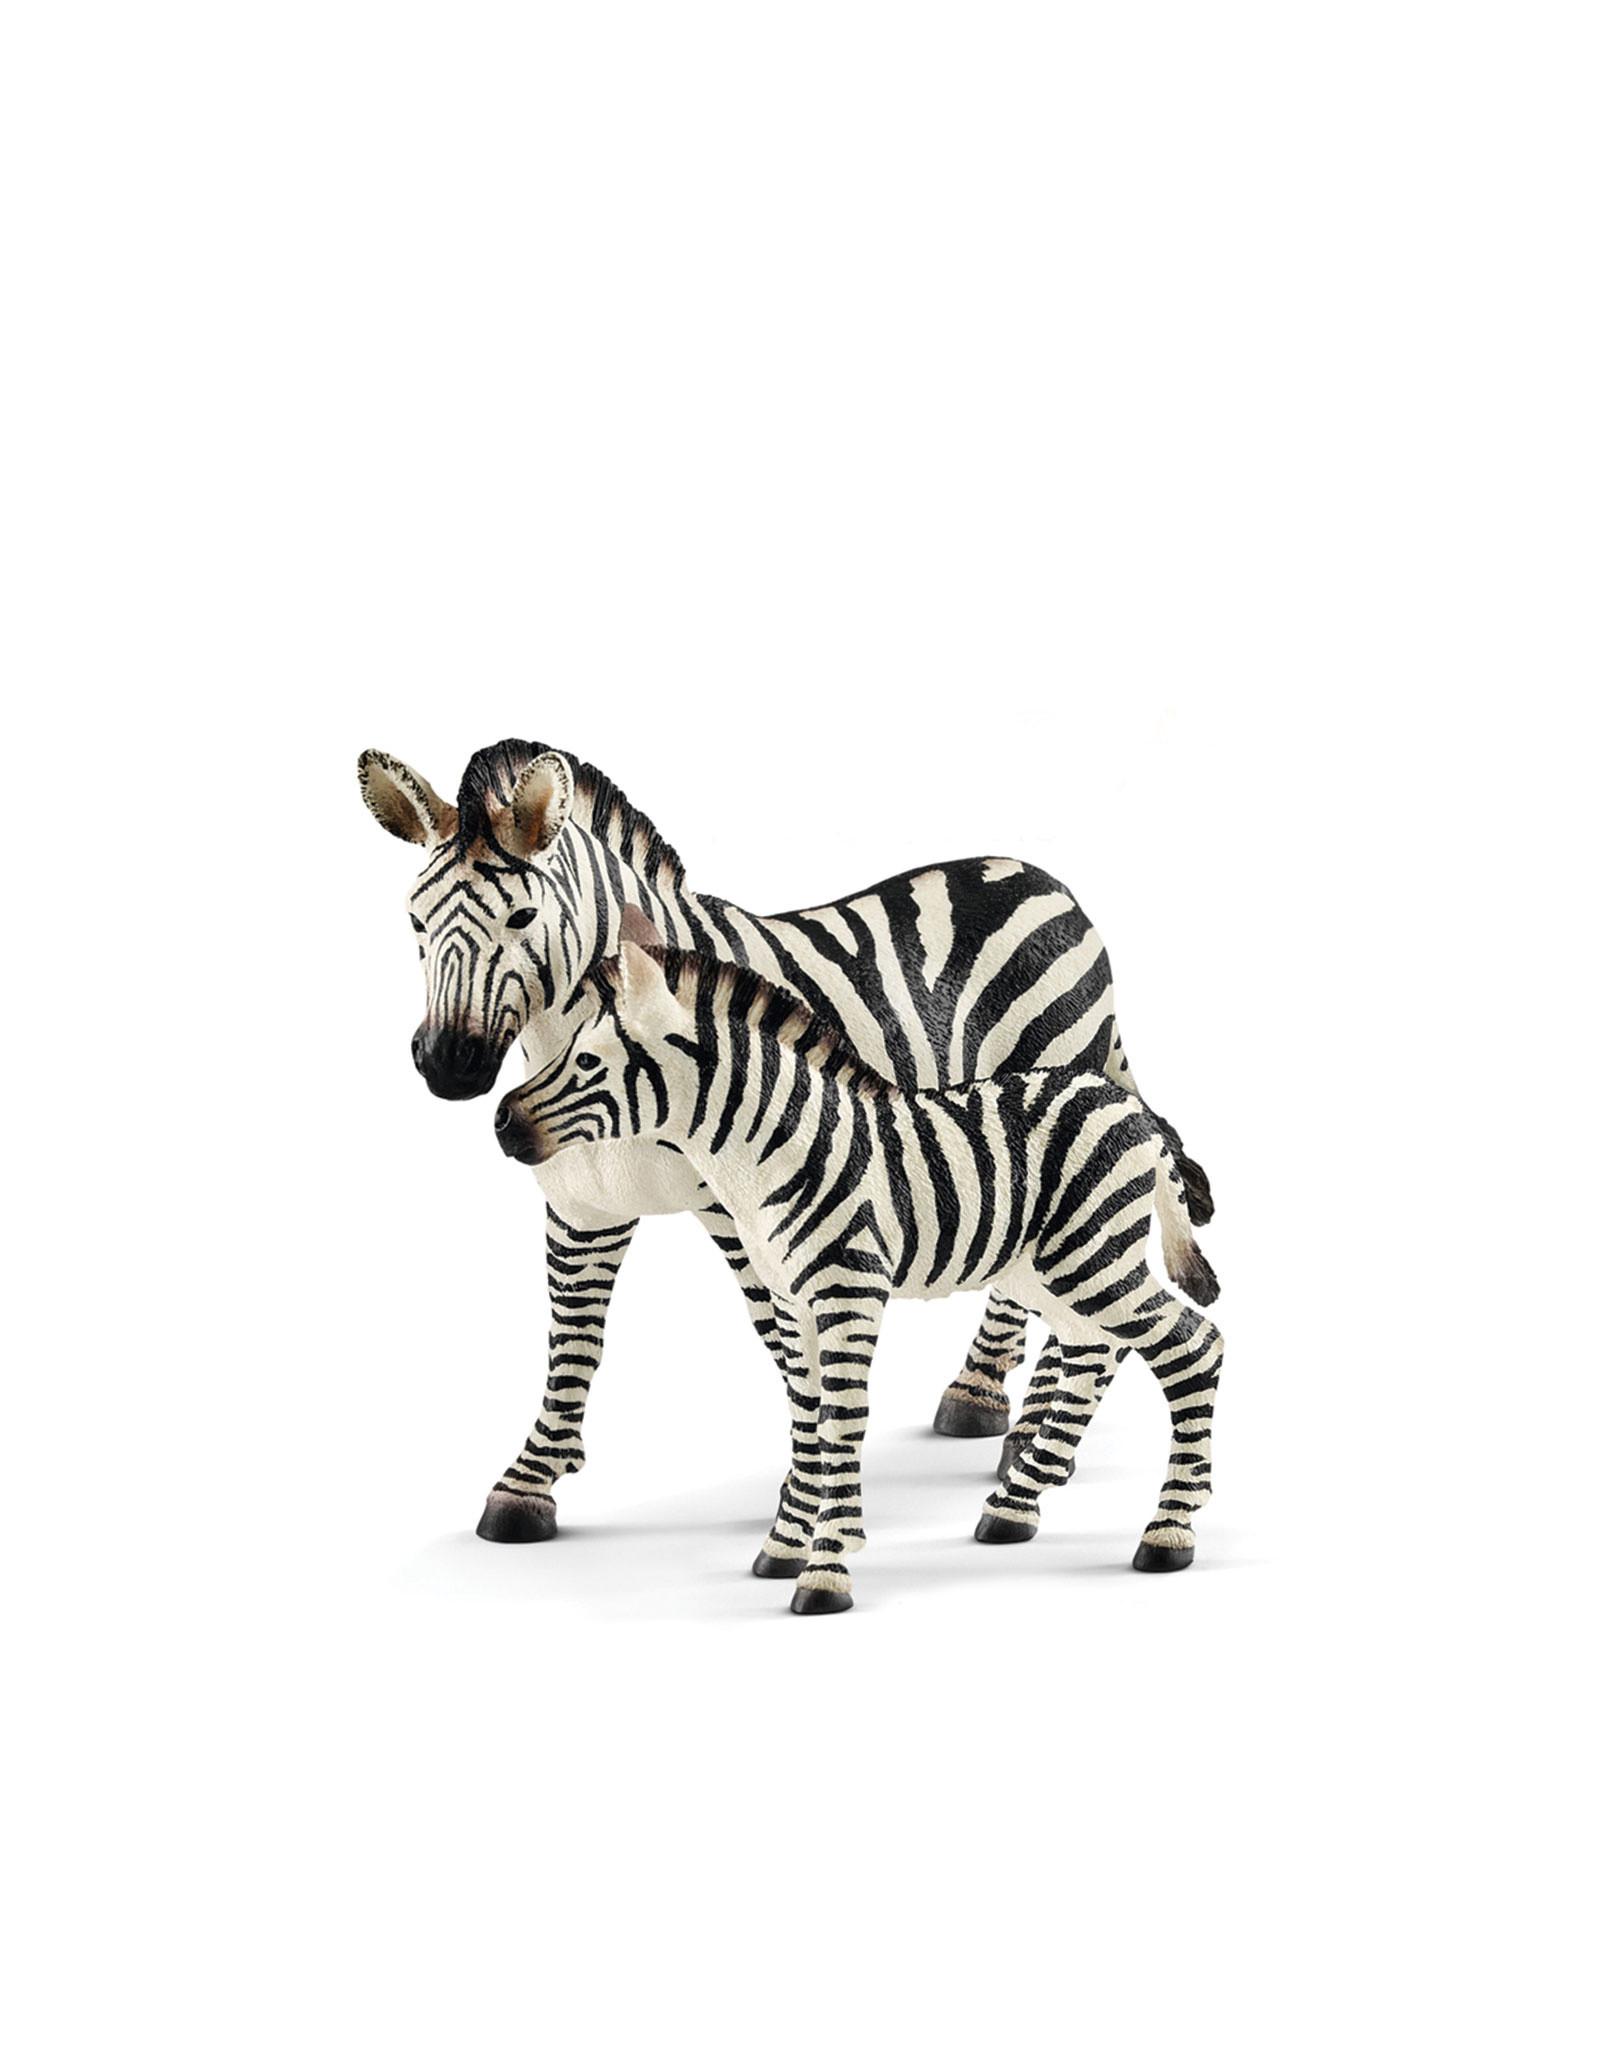 Schleich Animal - Female Zebra